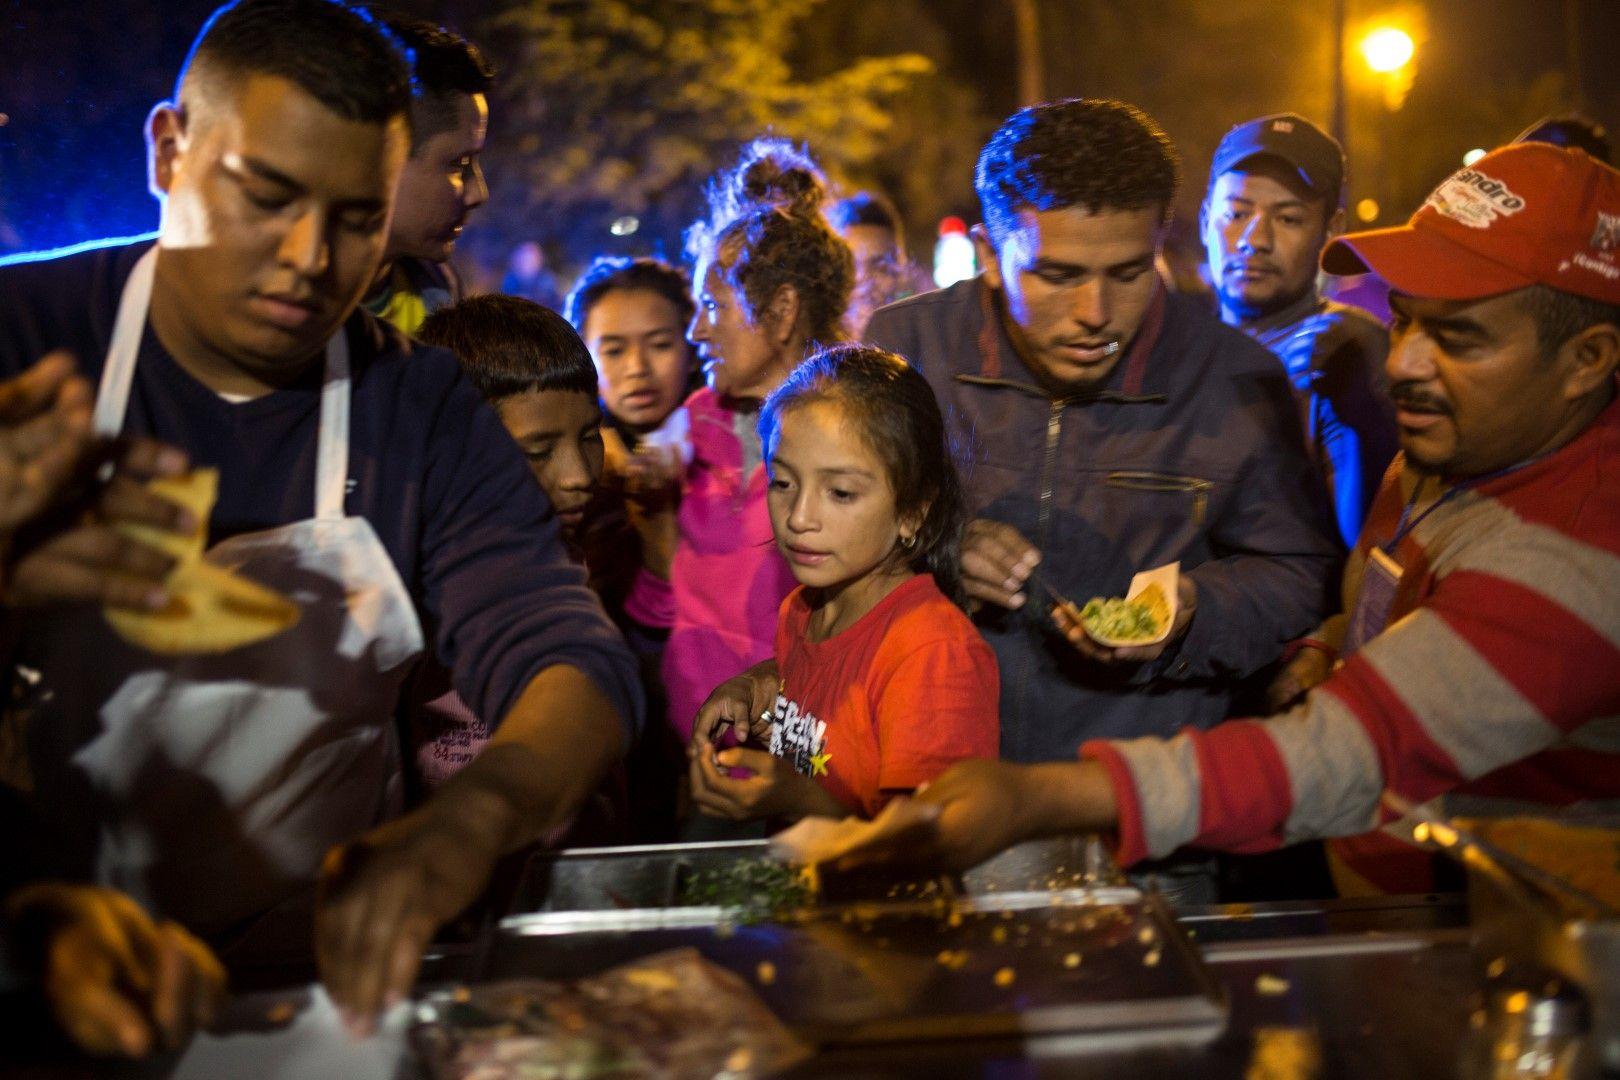 Мигранти от кервана получават храна от дарители в Мексикали, Мексико